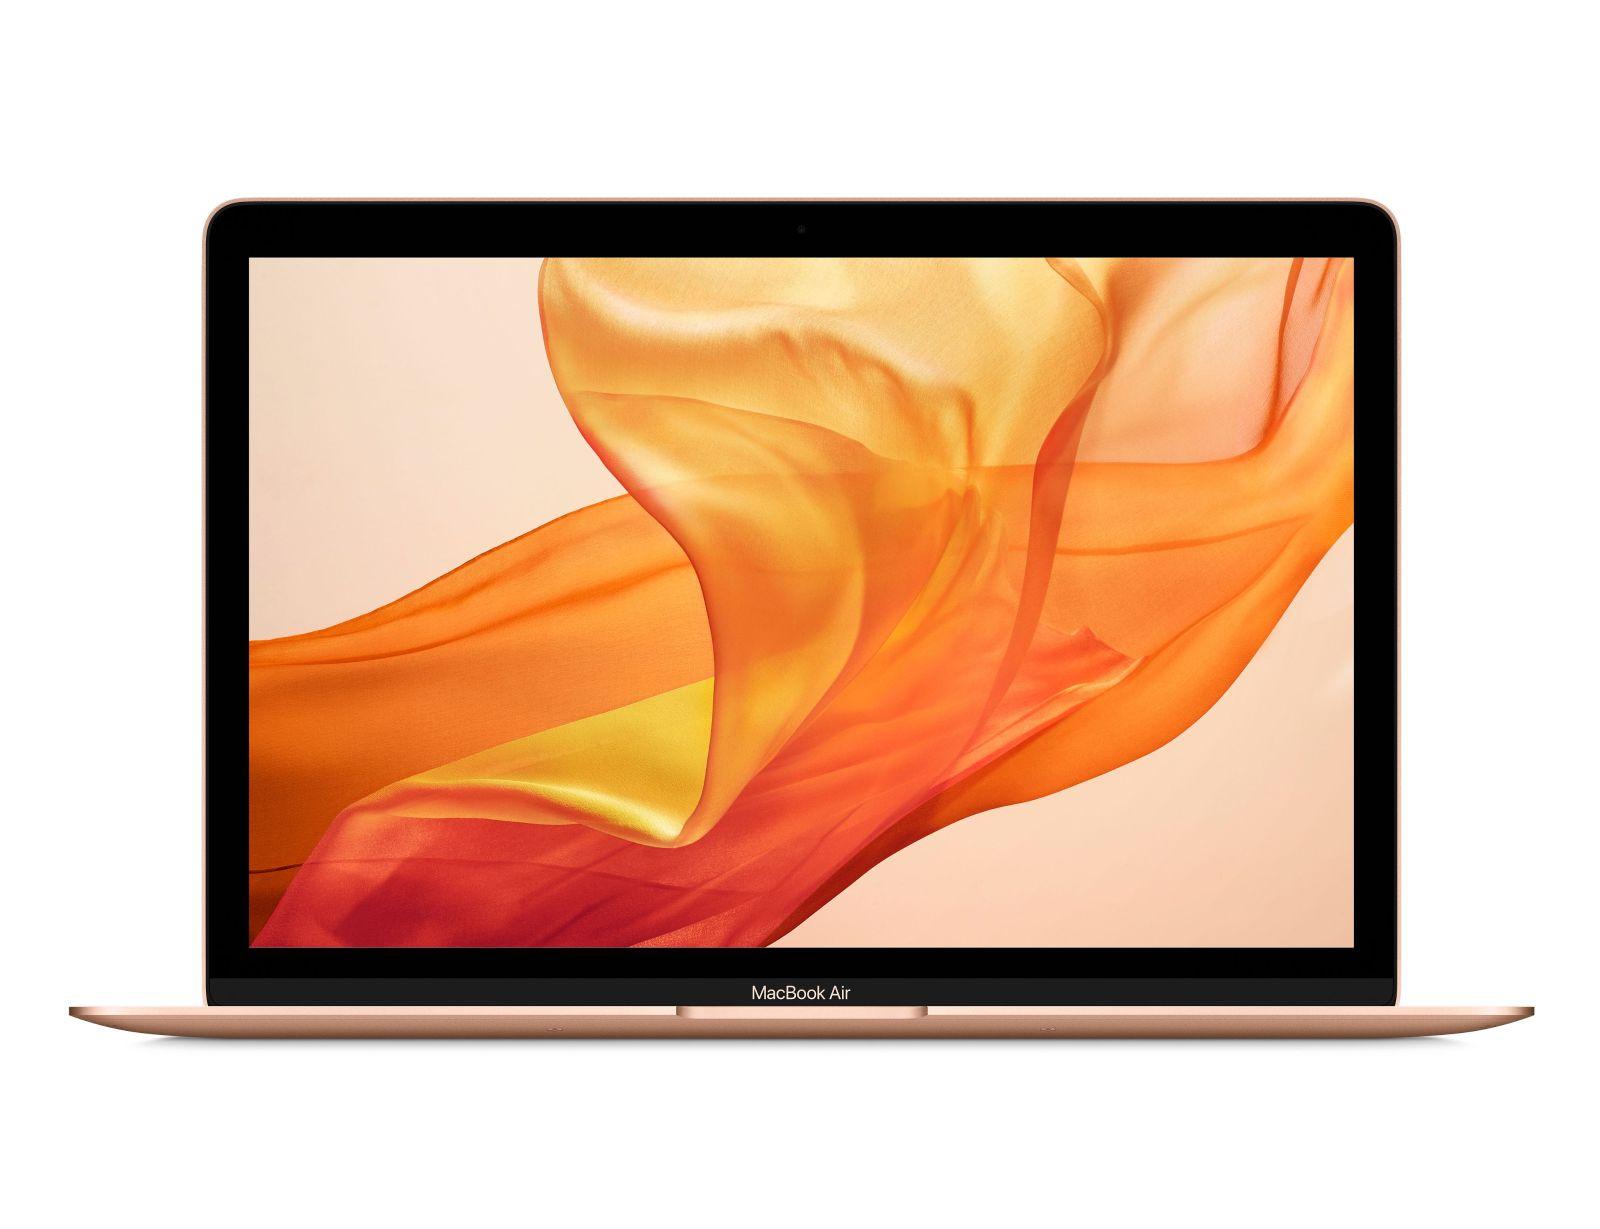 Apple MacBook Pro 13 2019 wyróżnia się pod wieloma względami wśród olbrzymiej konkurencji, a kluczową opcją jest system operacyjny